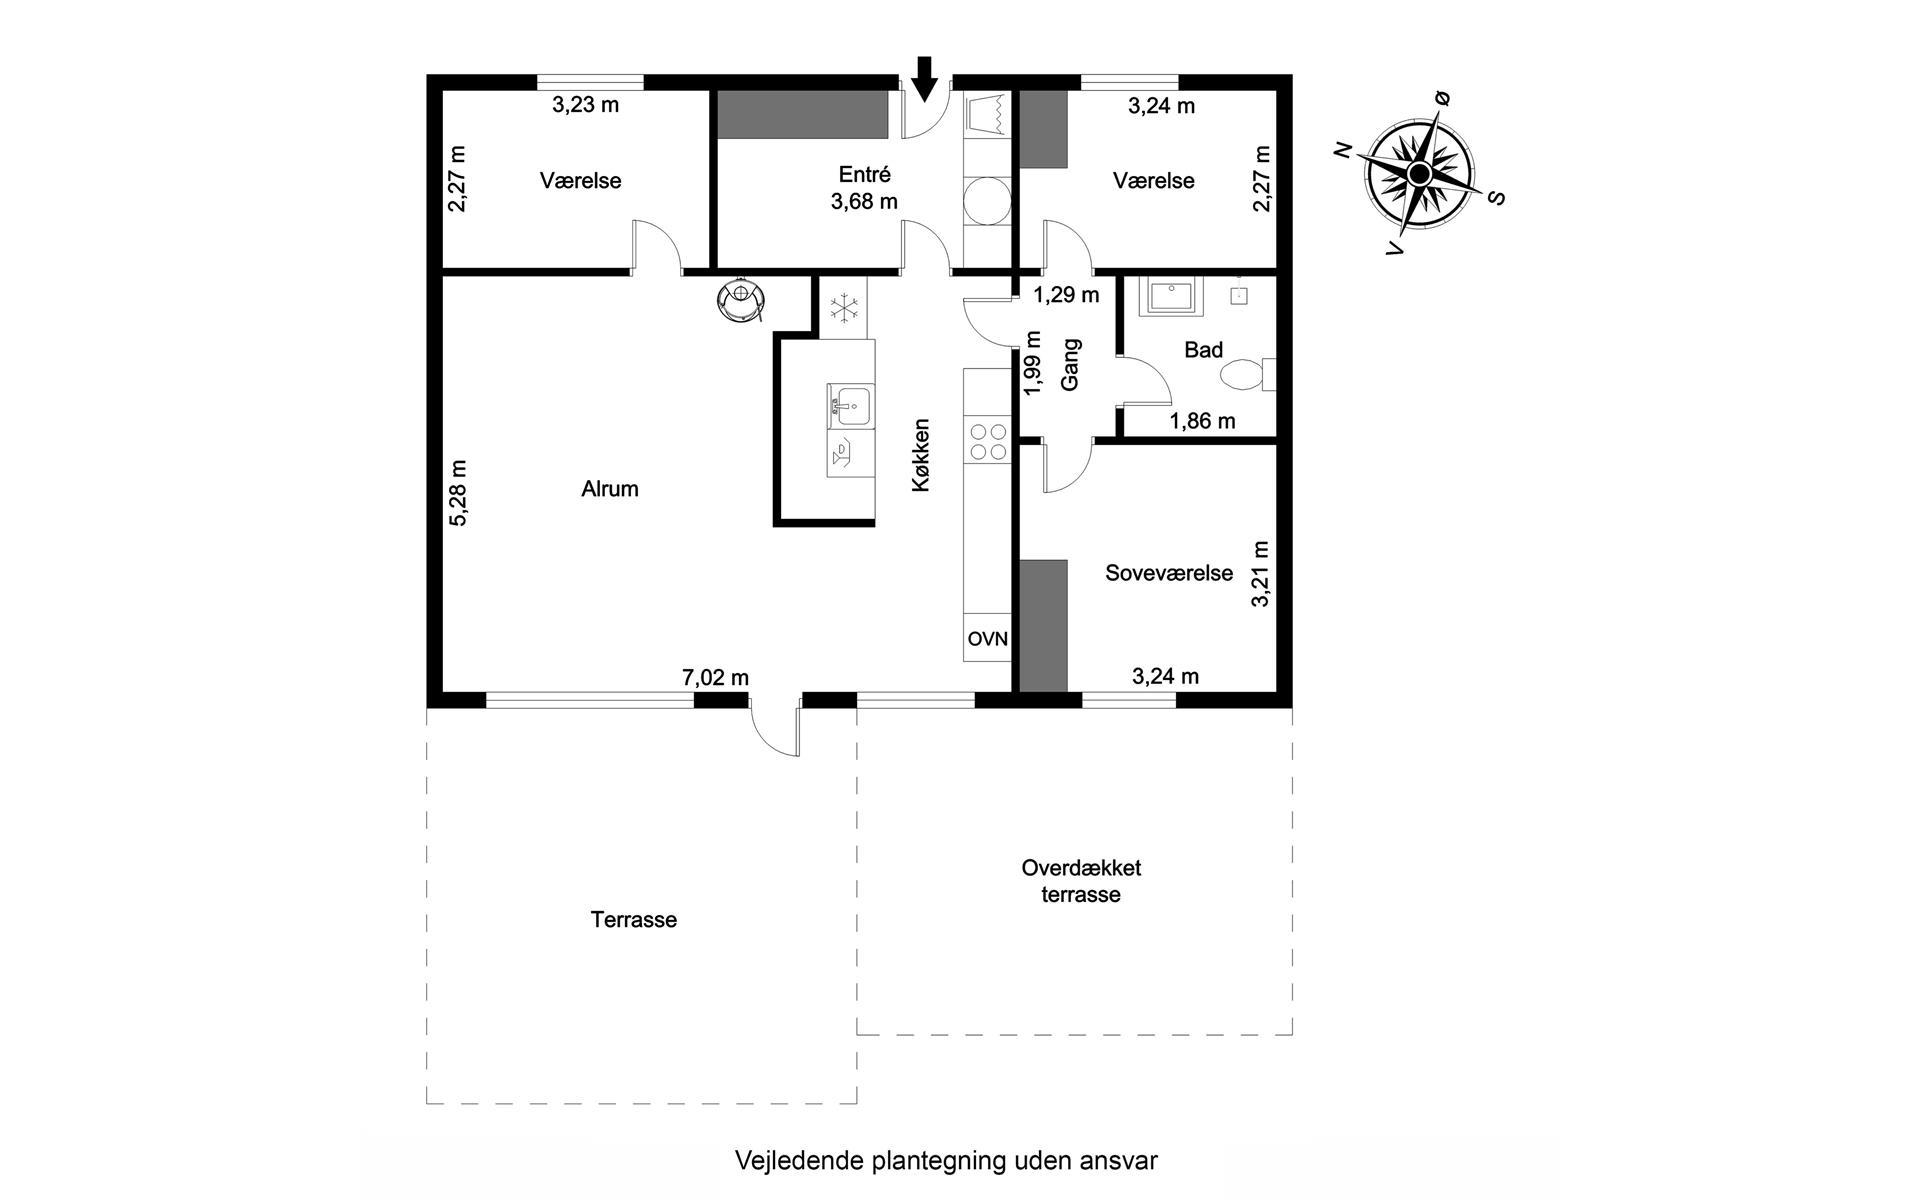 Rækkehus på Hedelyngen i Viborg - Plantegning